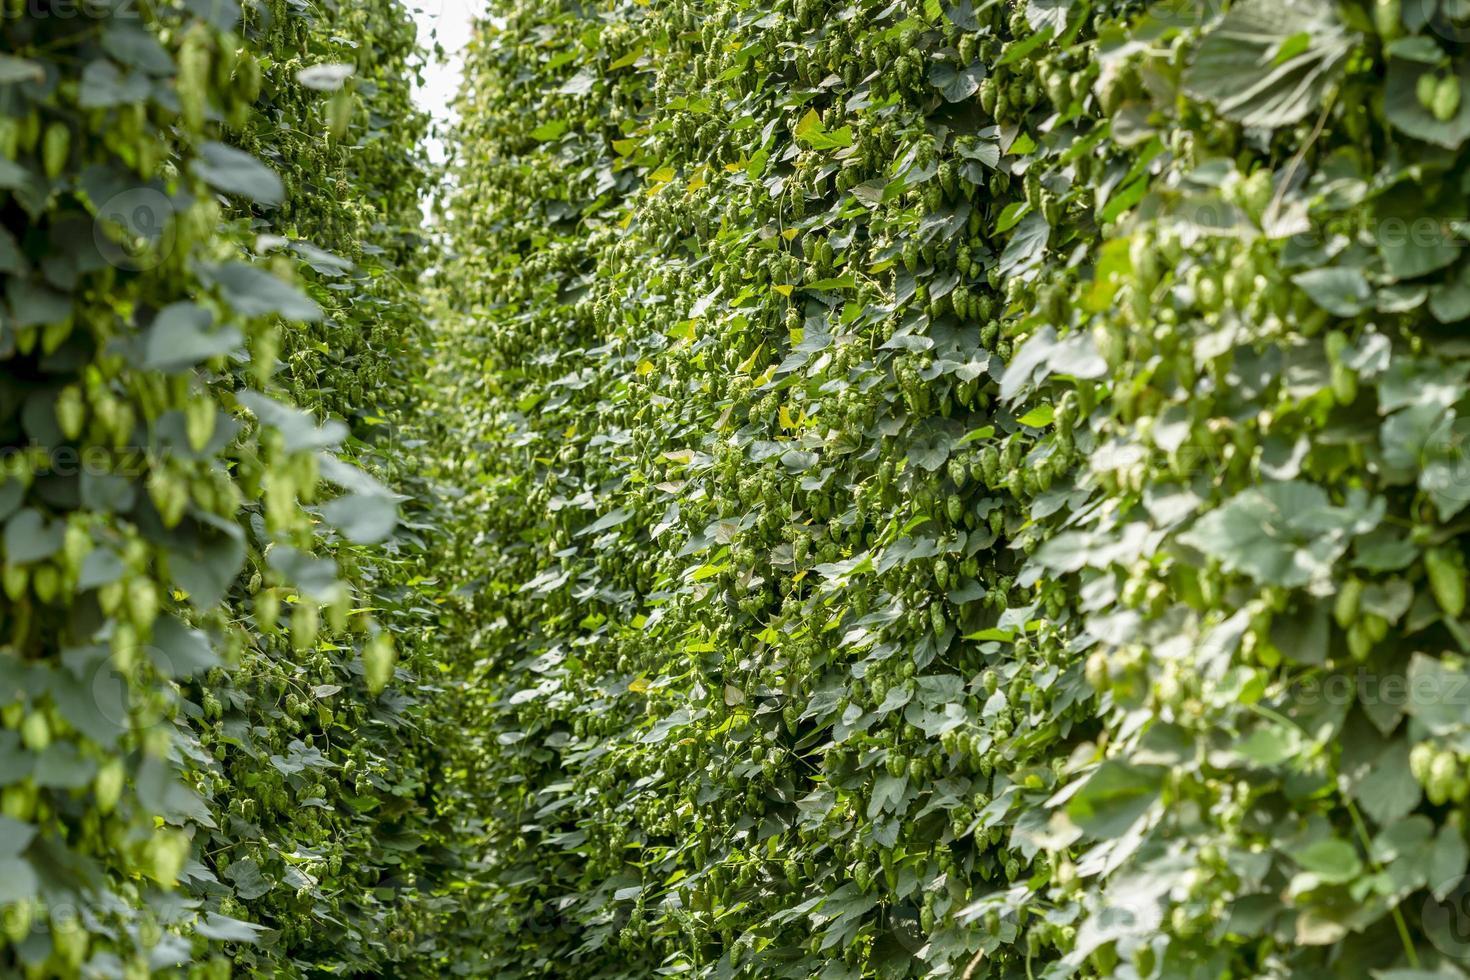 fattoria biologica di luppolo per birra foto